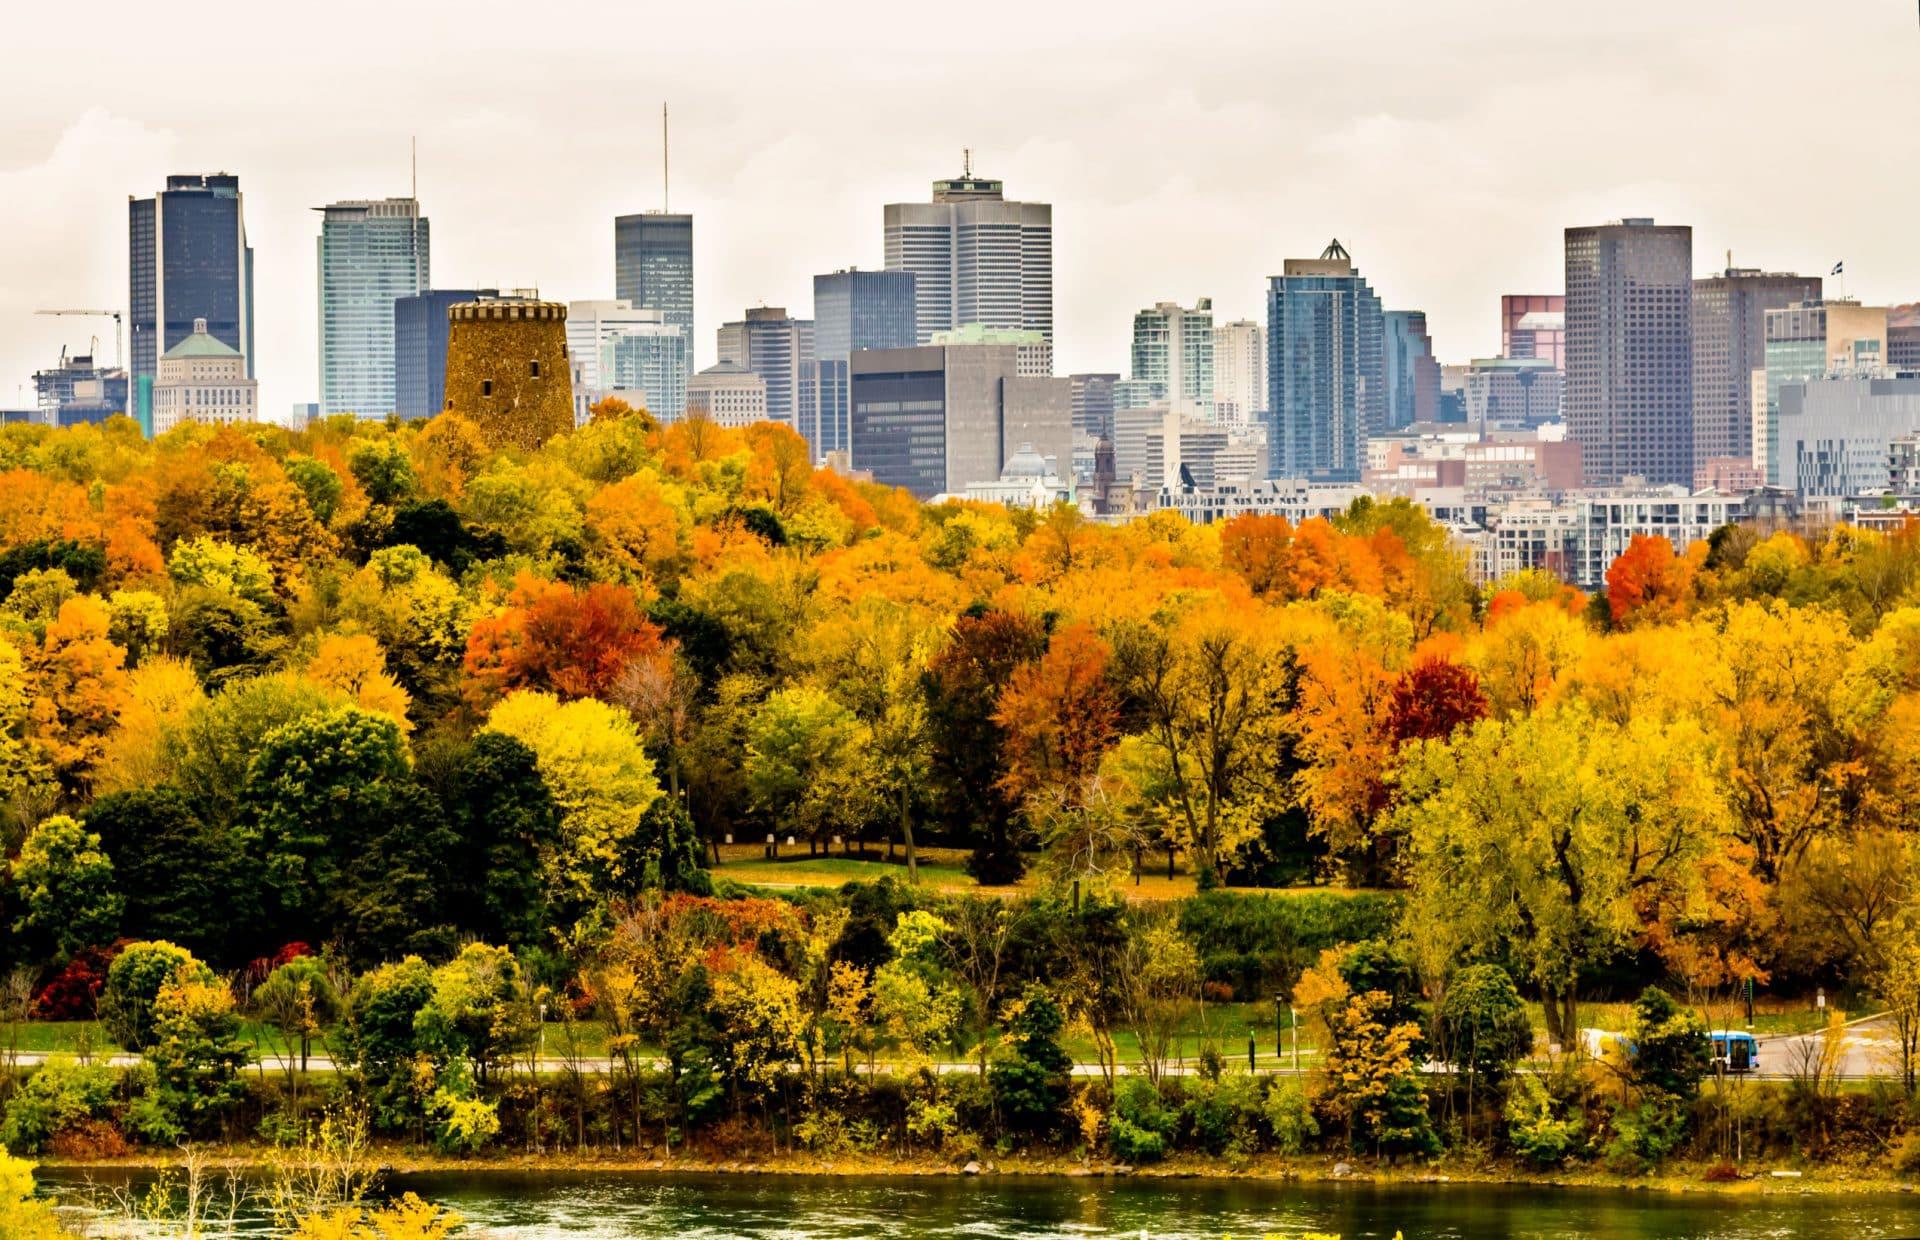 Comment faire son stage à Montréal ?